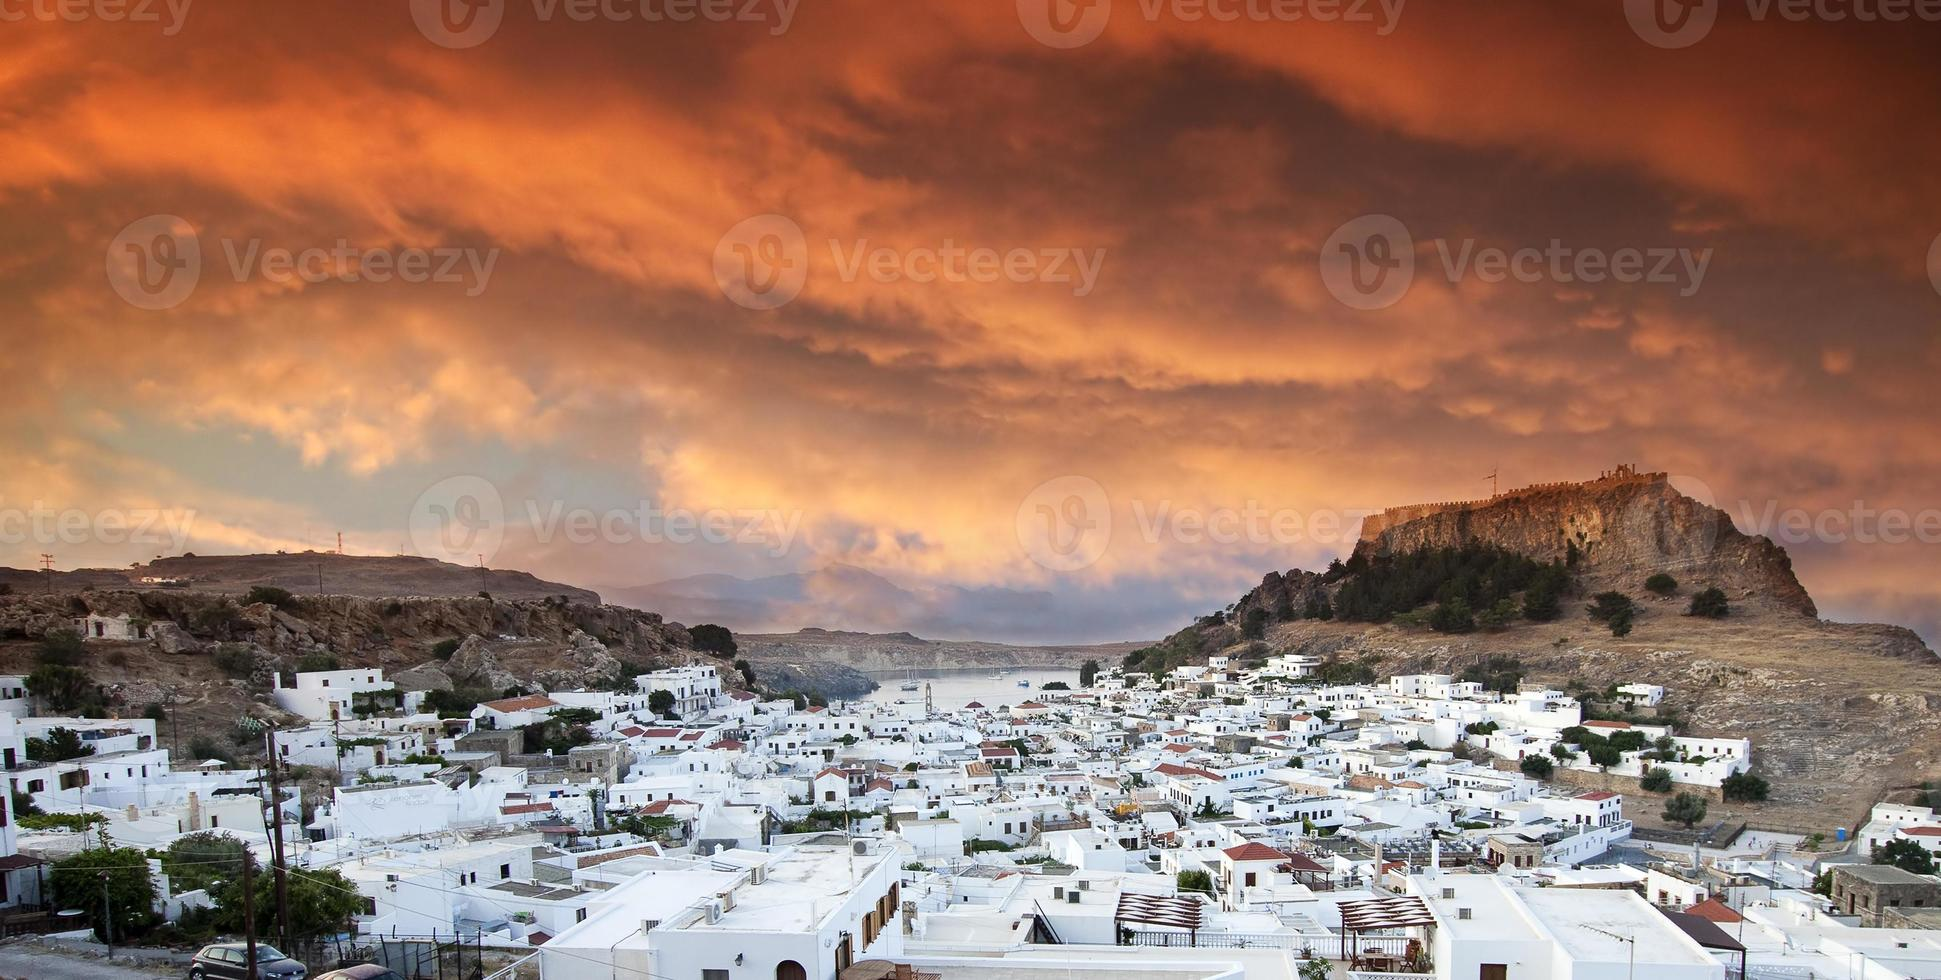 lindos vid solnedgången, Rhodos, Grekland foto